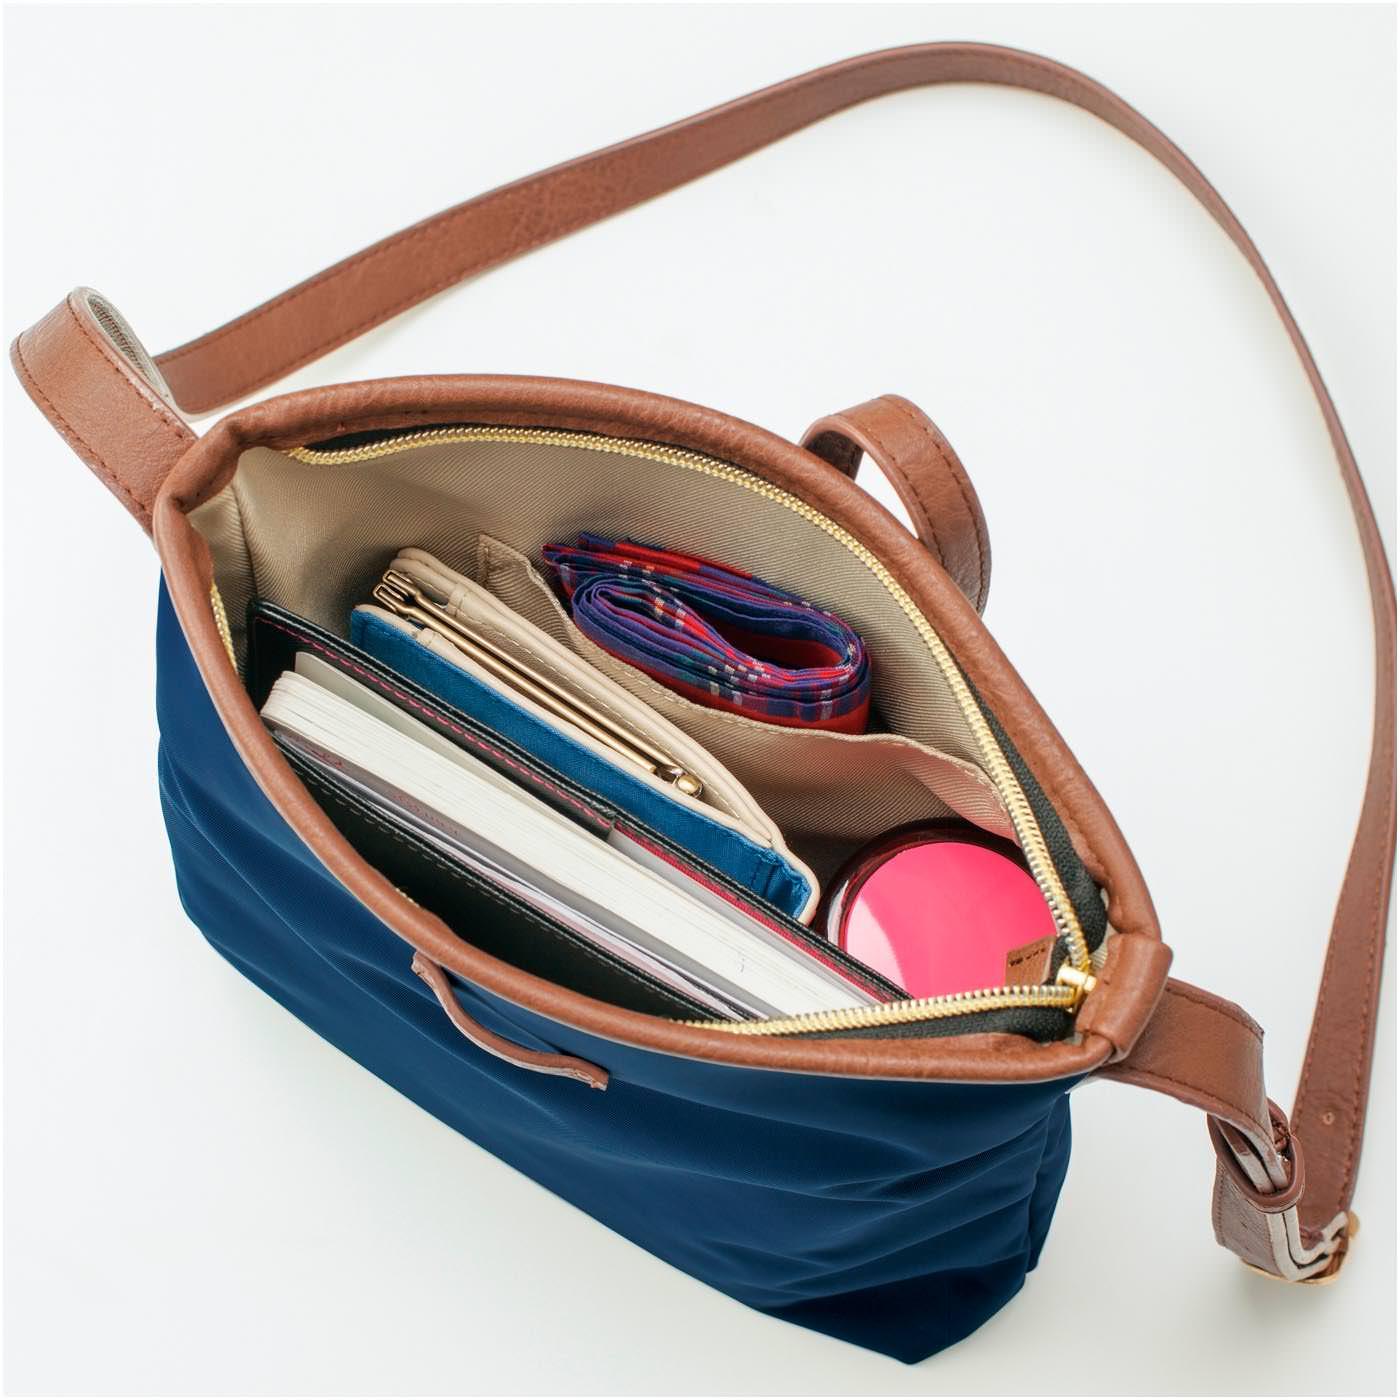 お出かけ必需品が縦にきれいに収納でき、バッグの中はすっきり! 出し入れらくらく。